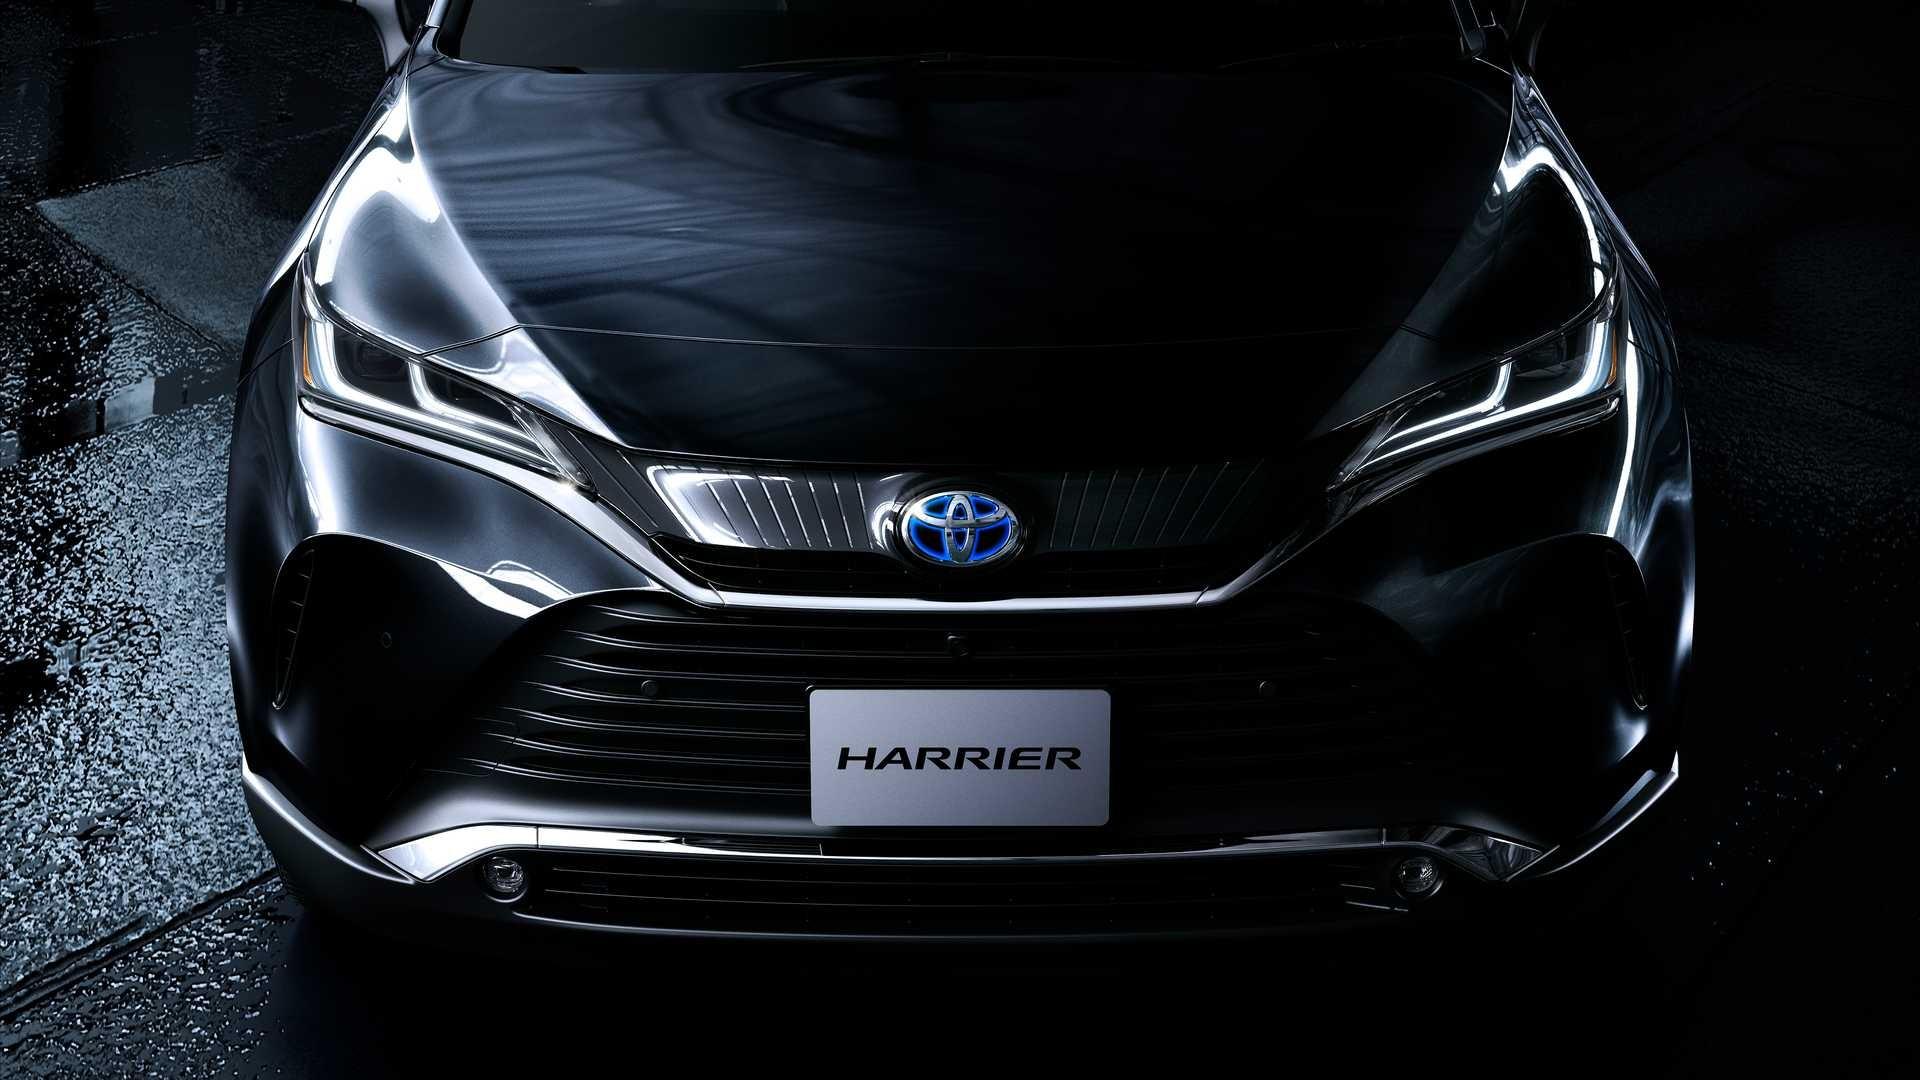 تویوتا هریر مدل 2020 در ژاپن رسما معرفی شد+ عکس